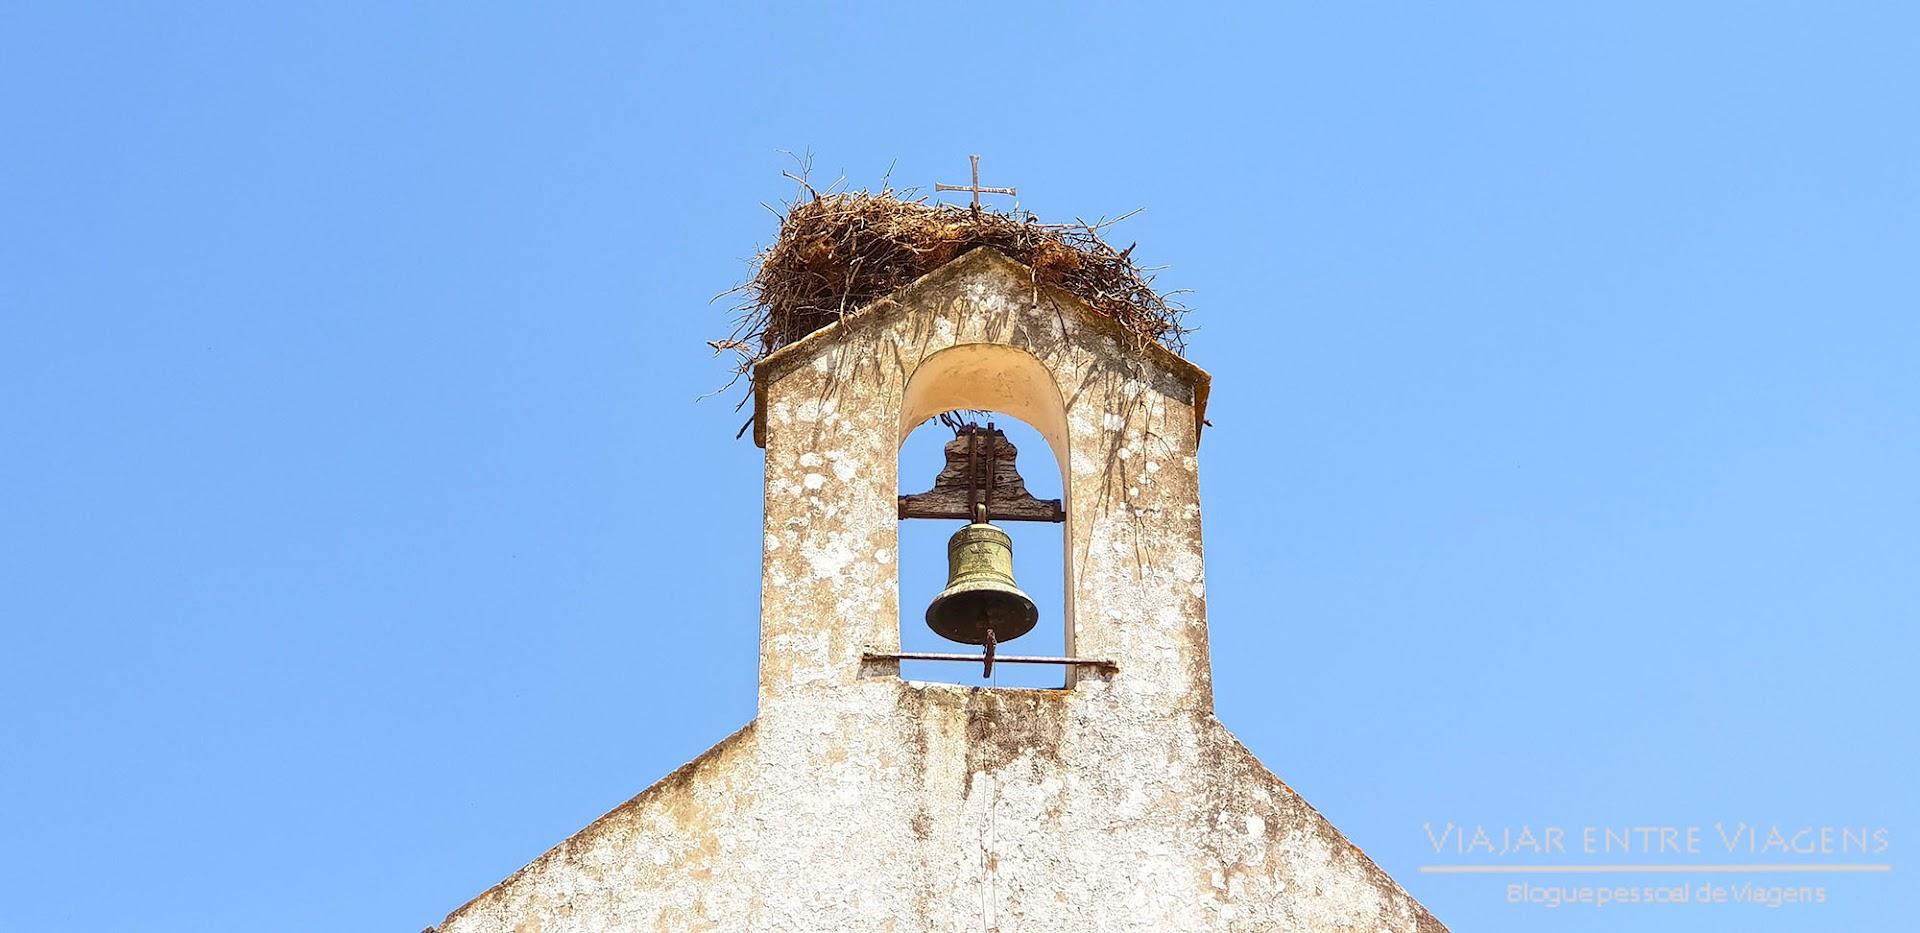 ALENTEJO - VISITAR ÉVORA, o que ver e fazer na cidade-museu, Património Mundial da UNESCO